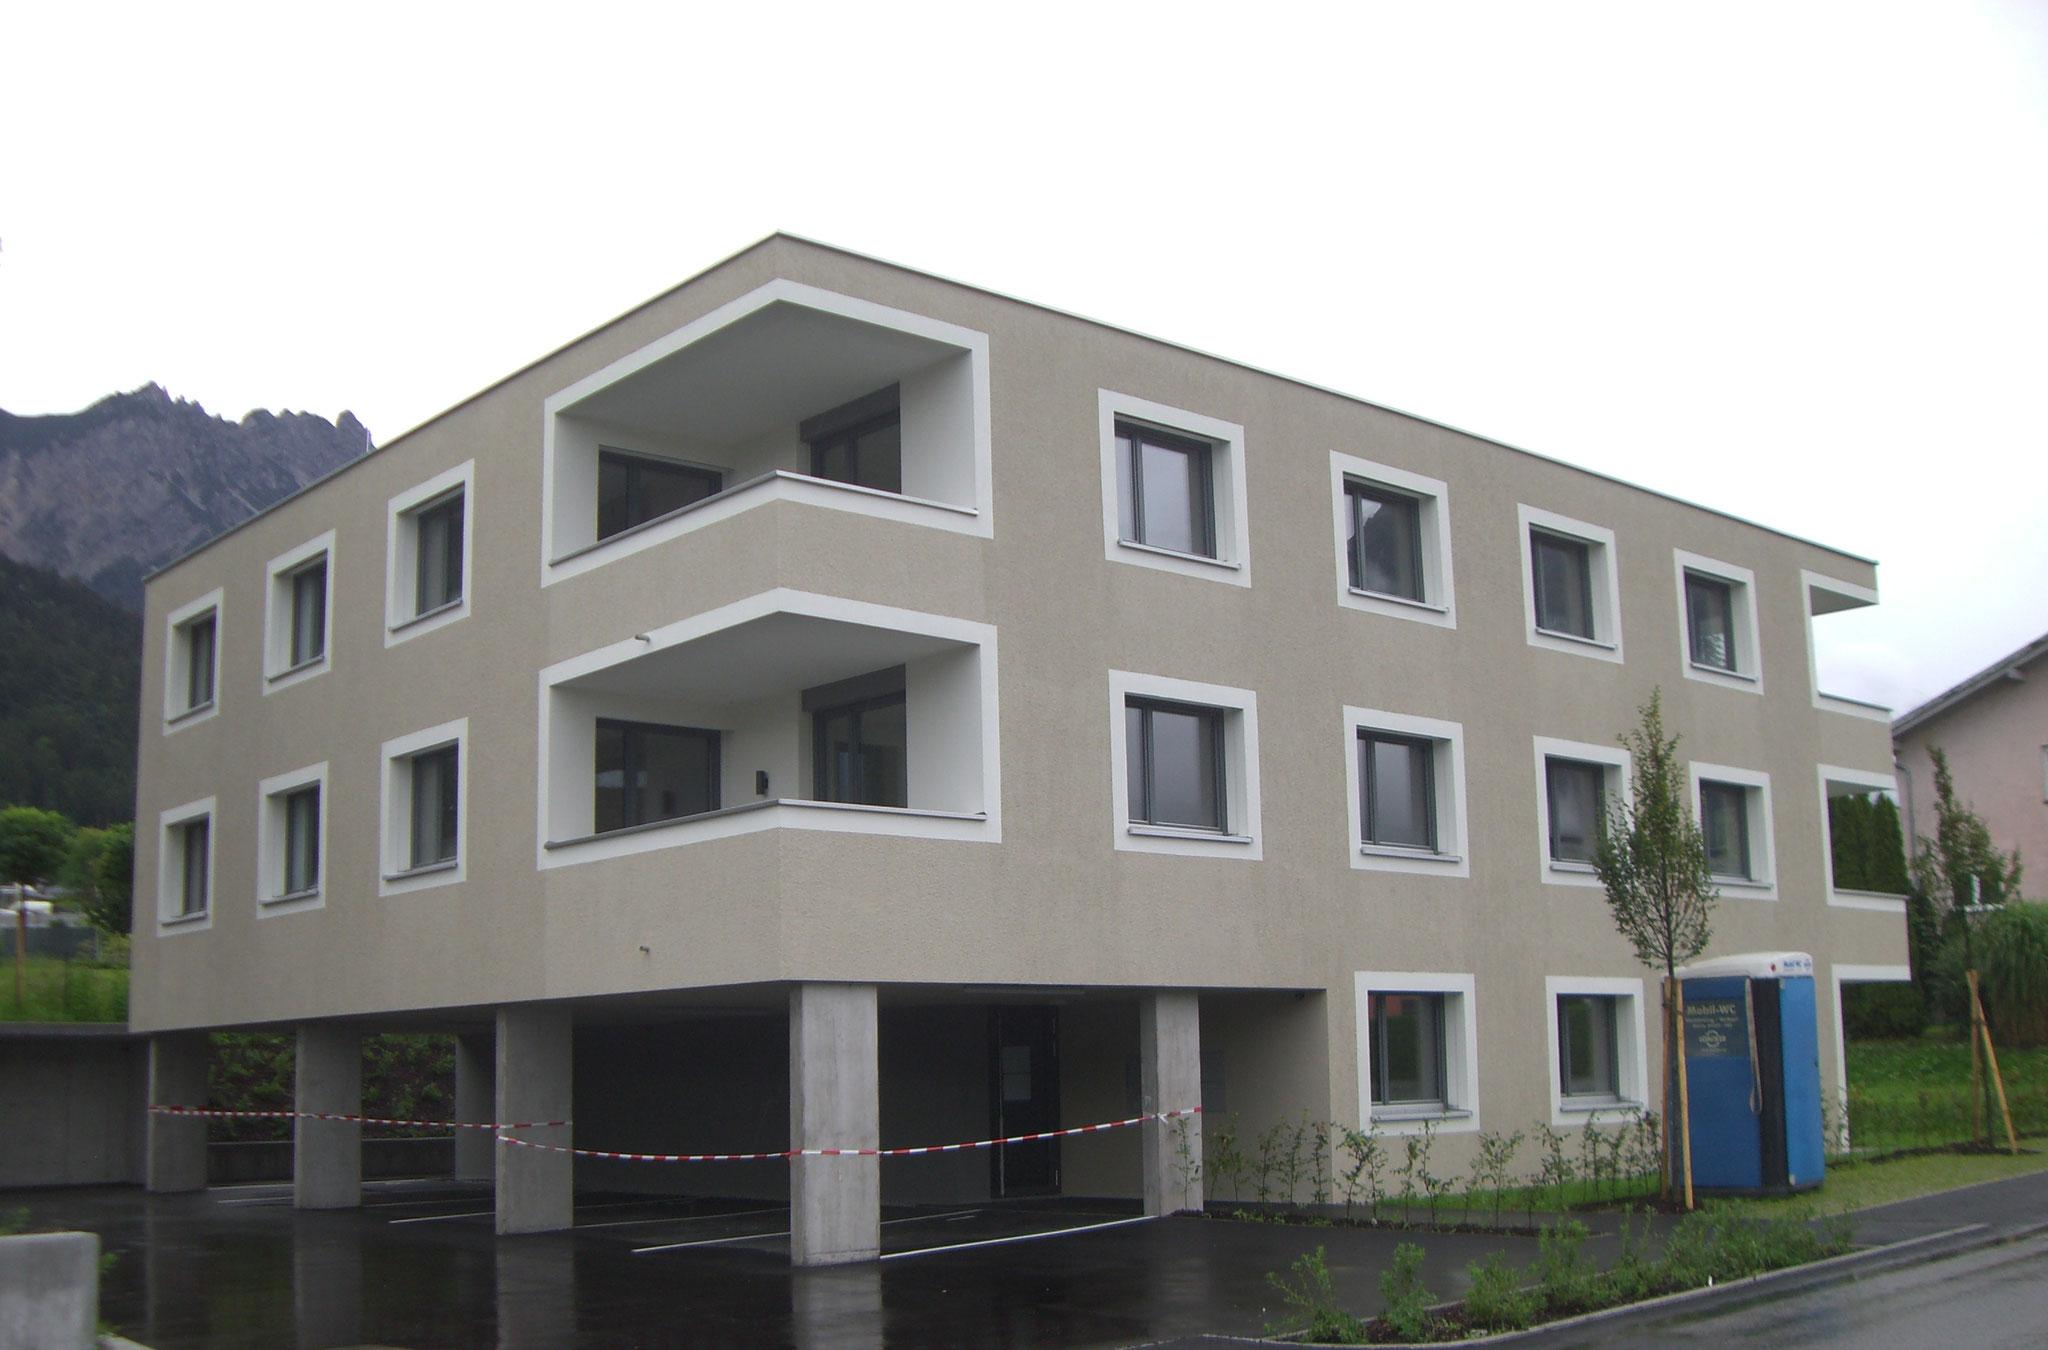 V175 Nüziders, Bauherr: Alpenländische Heimstätte Gemeinnützige Wohnungsbau- und  Siedlungsgesellschaft m.b.H.